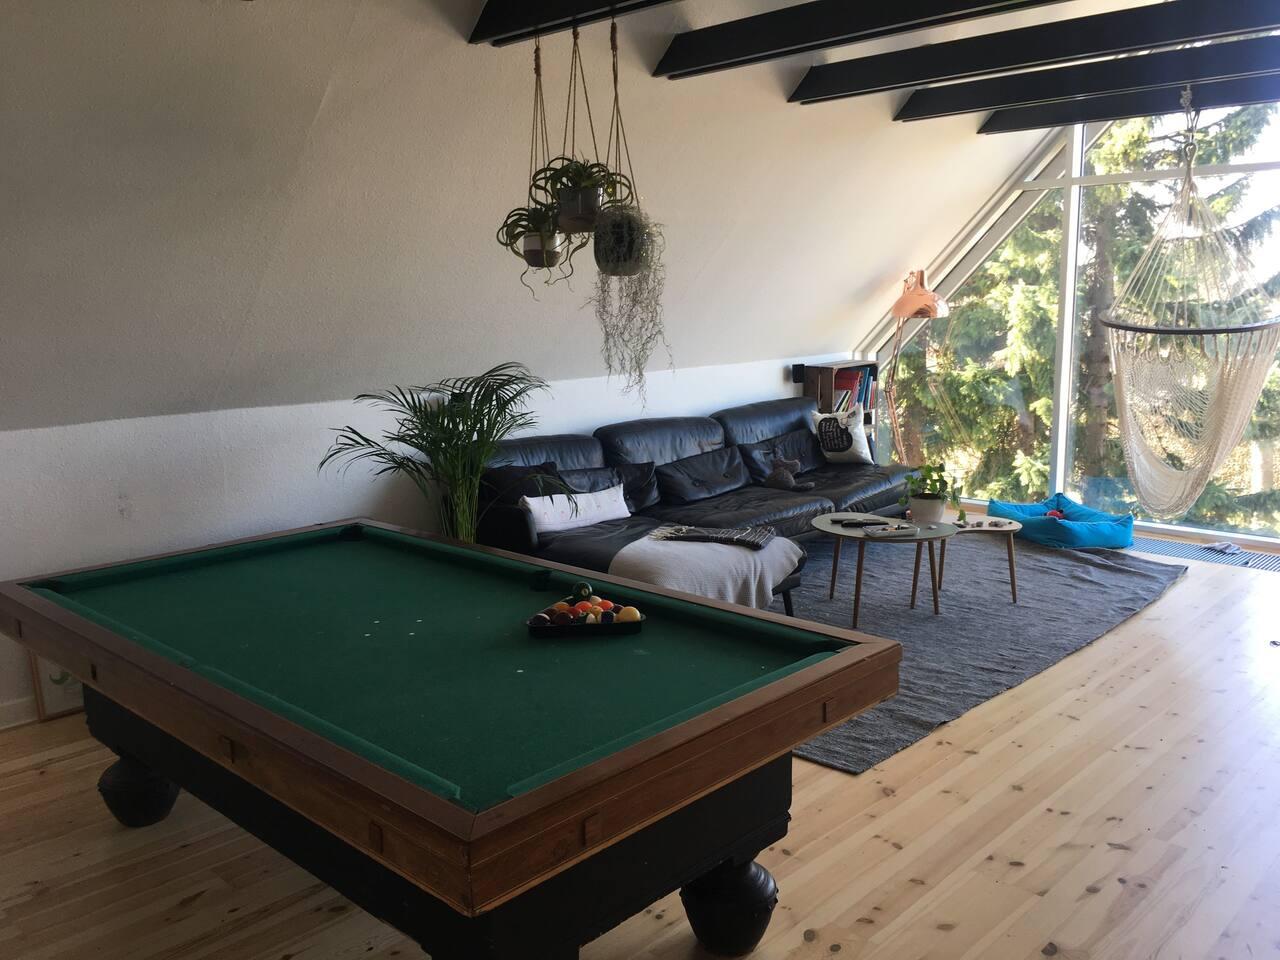 Stue med pool/billiard bord og bordfodbold er også i stuen